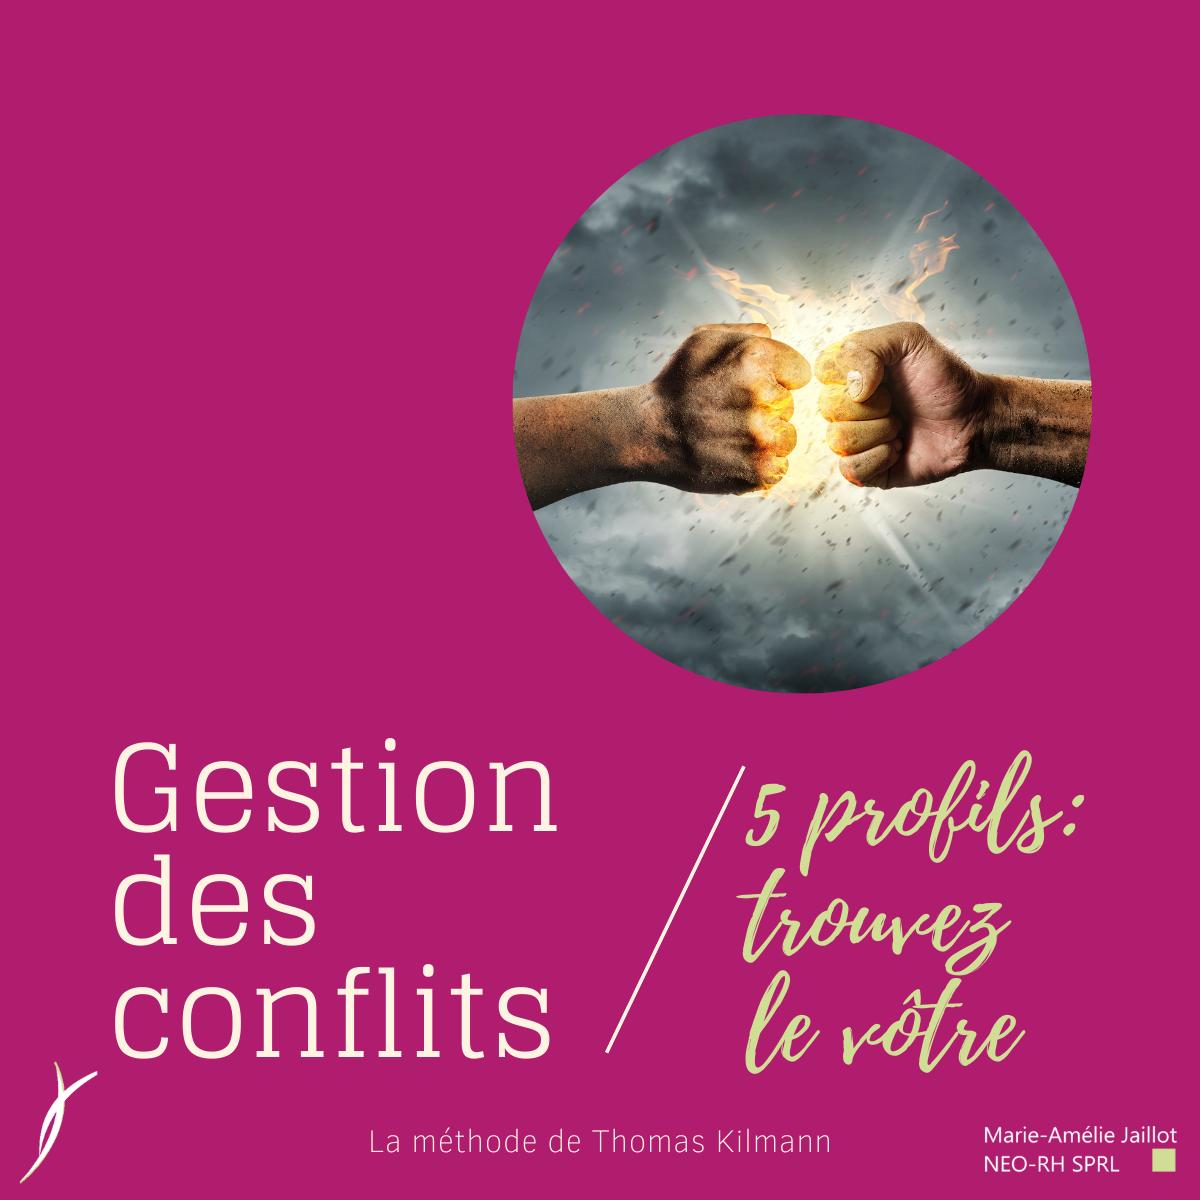 Gestiondes conflits: 5 profils, trouvez le vôtre